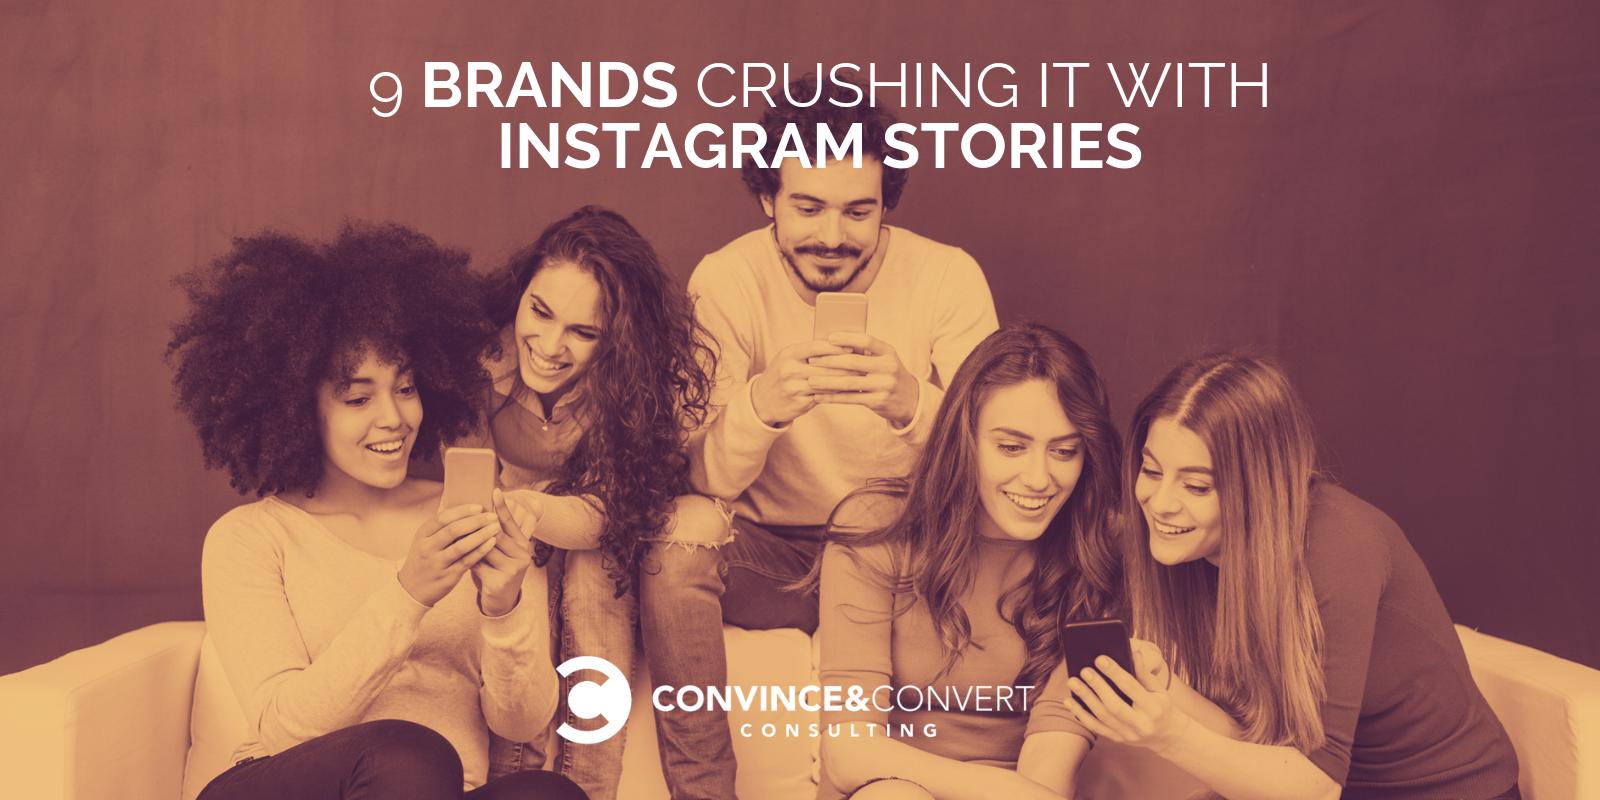 marchi che usano storie di instagram